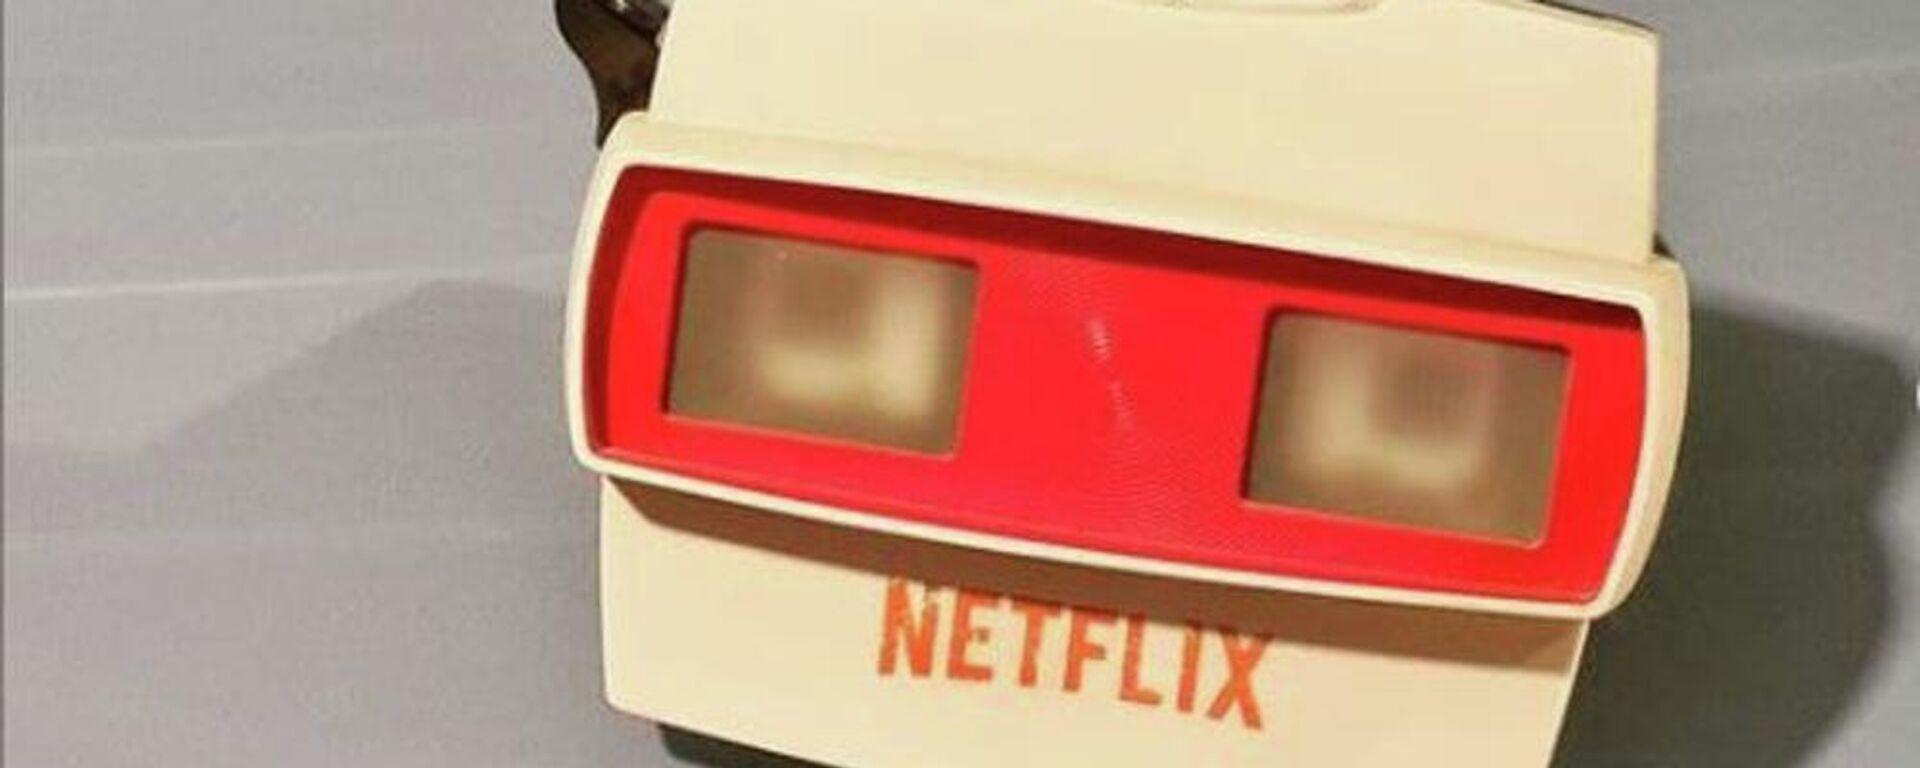 Το Netflix την εποχή χωρίς Διαδίκτυο - Sputnik Ελλάδα, 1920, 29.09.2021